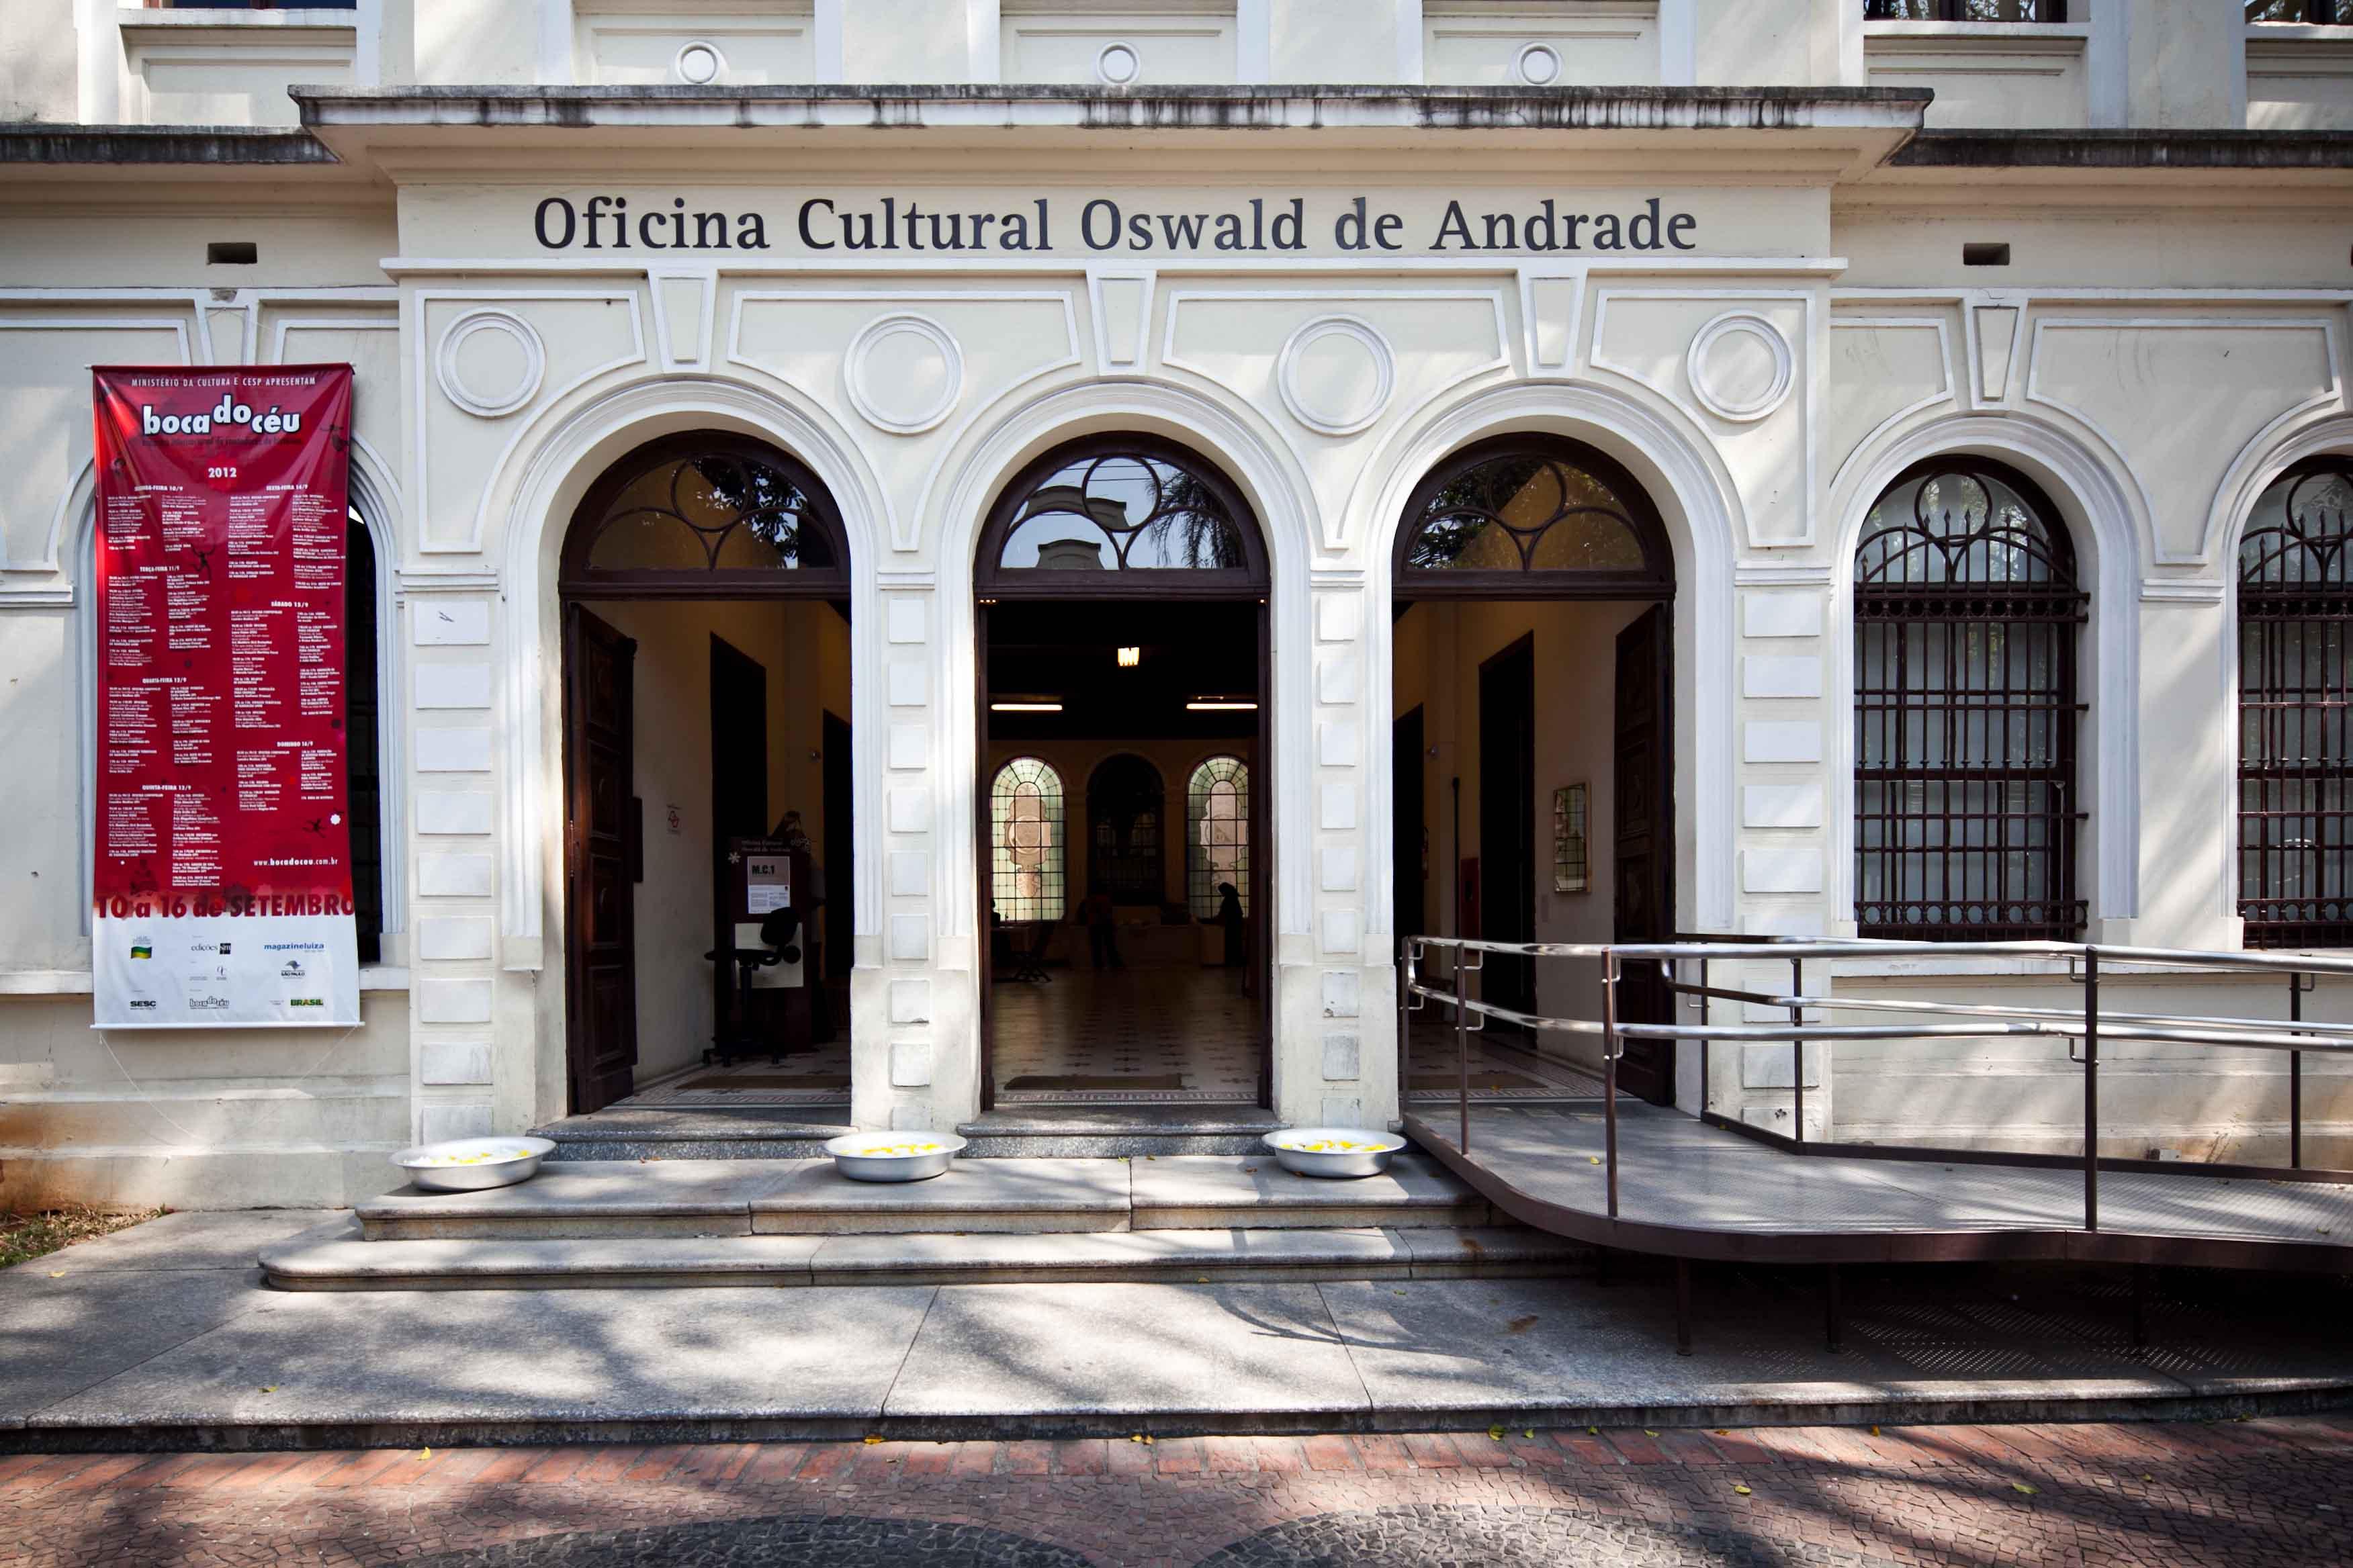 Oficina Cultural Oswald de Andrade